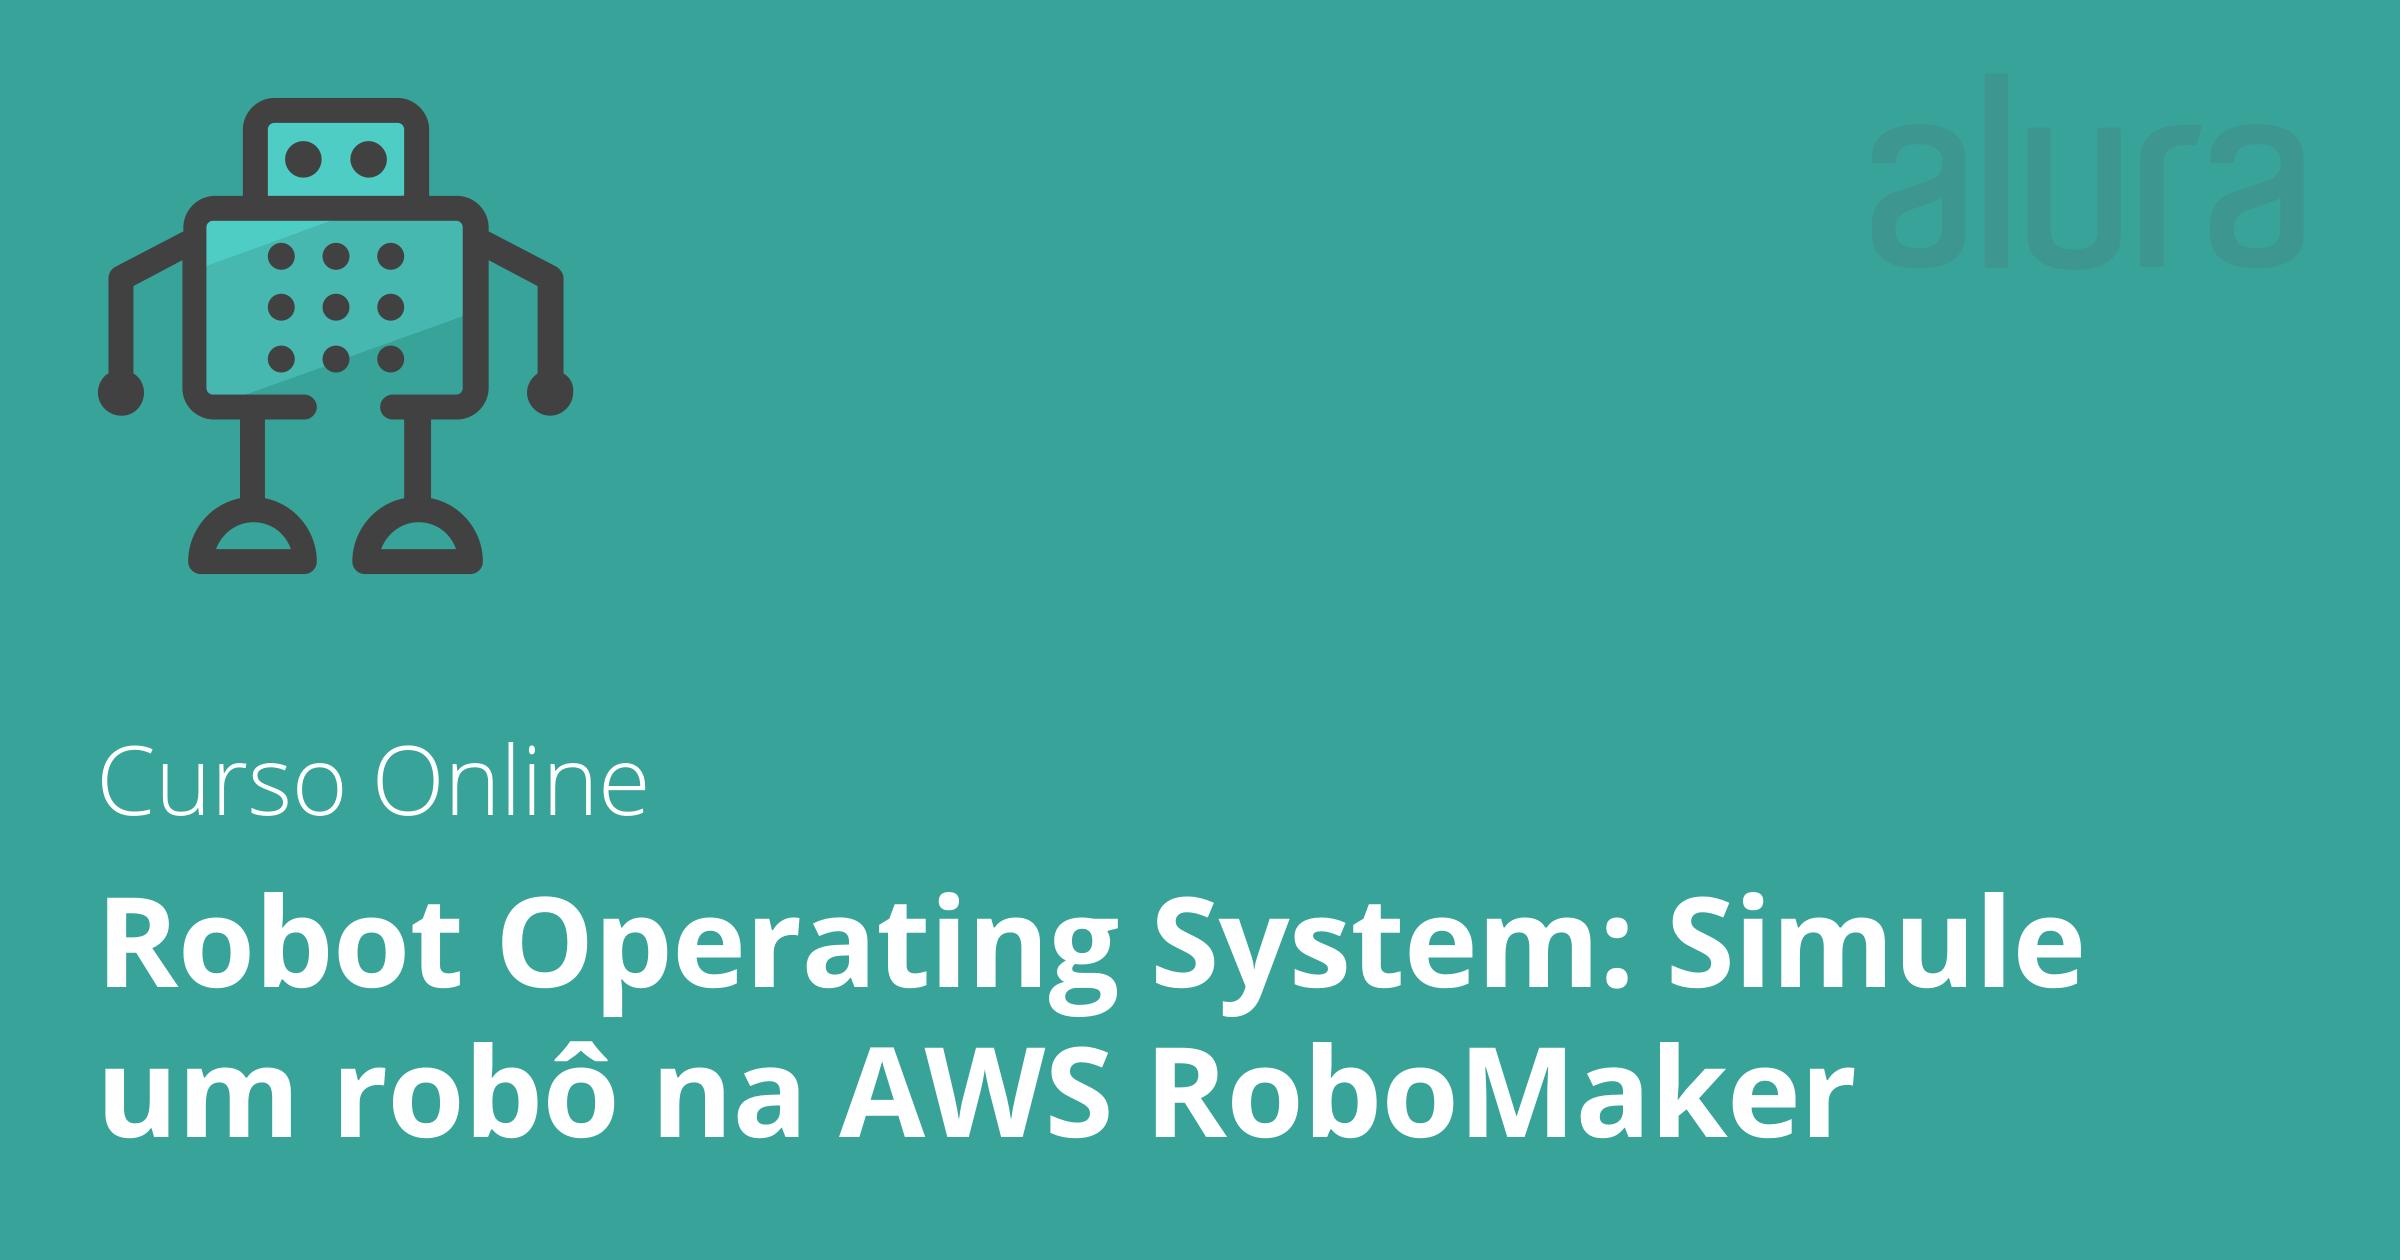 Curso de Robot Operating System: Simule um robô na AWS RoboMaker